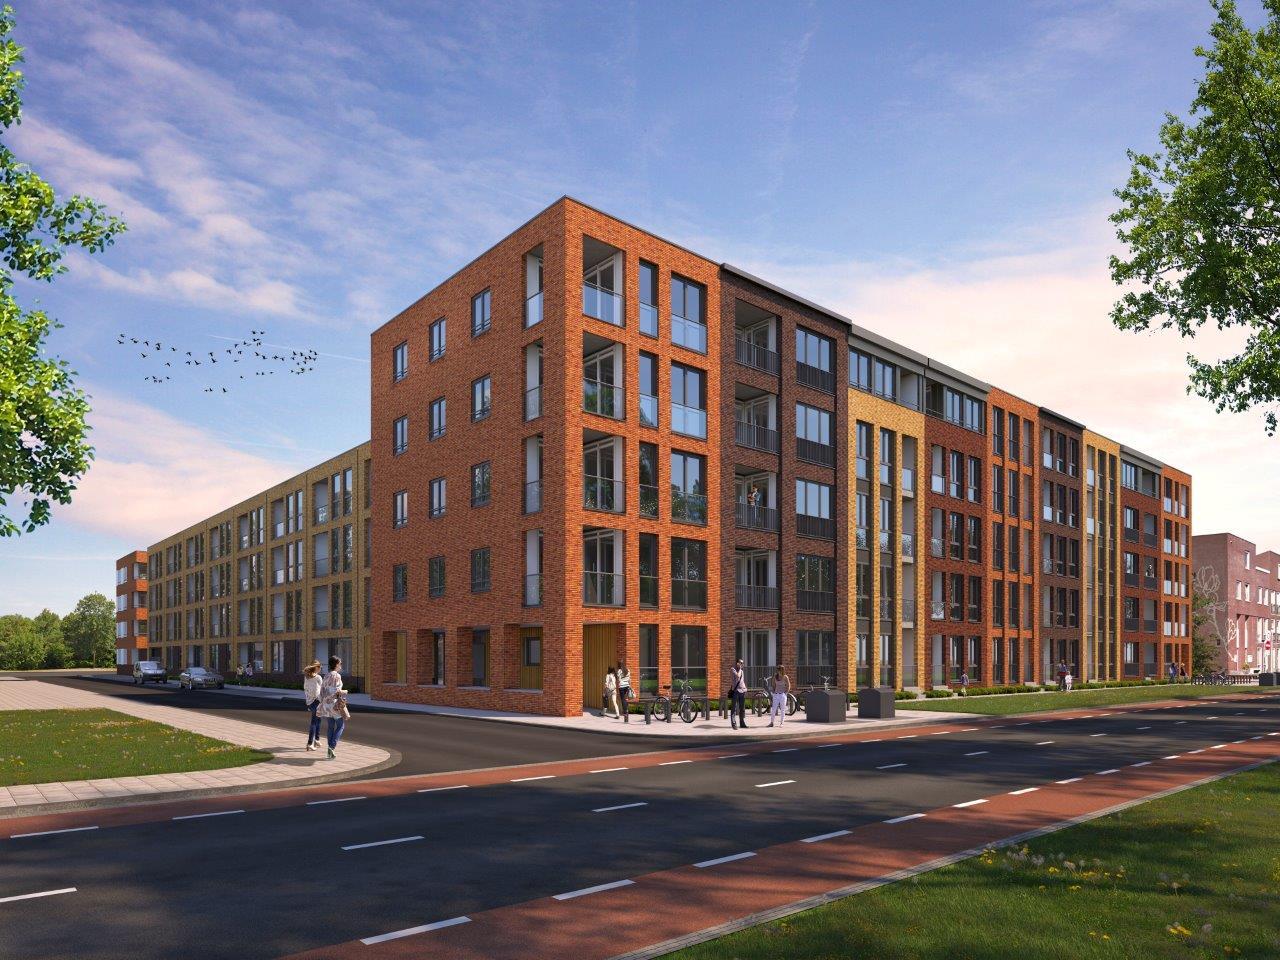 Pensioenfonds Rail & OV verwerft 105 woningen aan de Wagenweg Purmerend